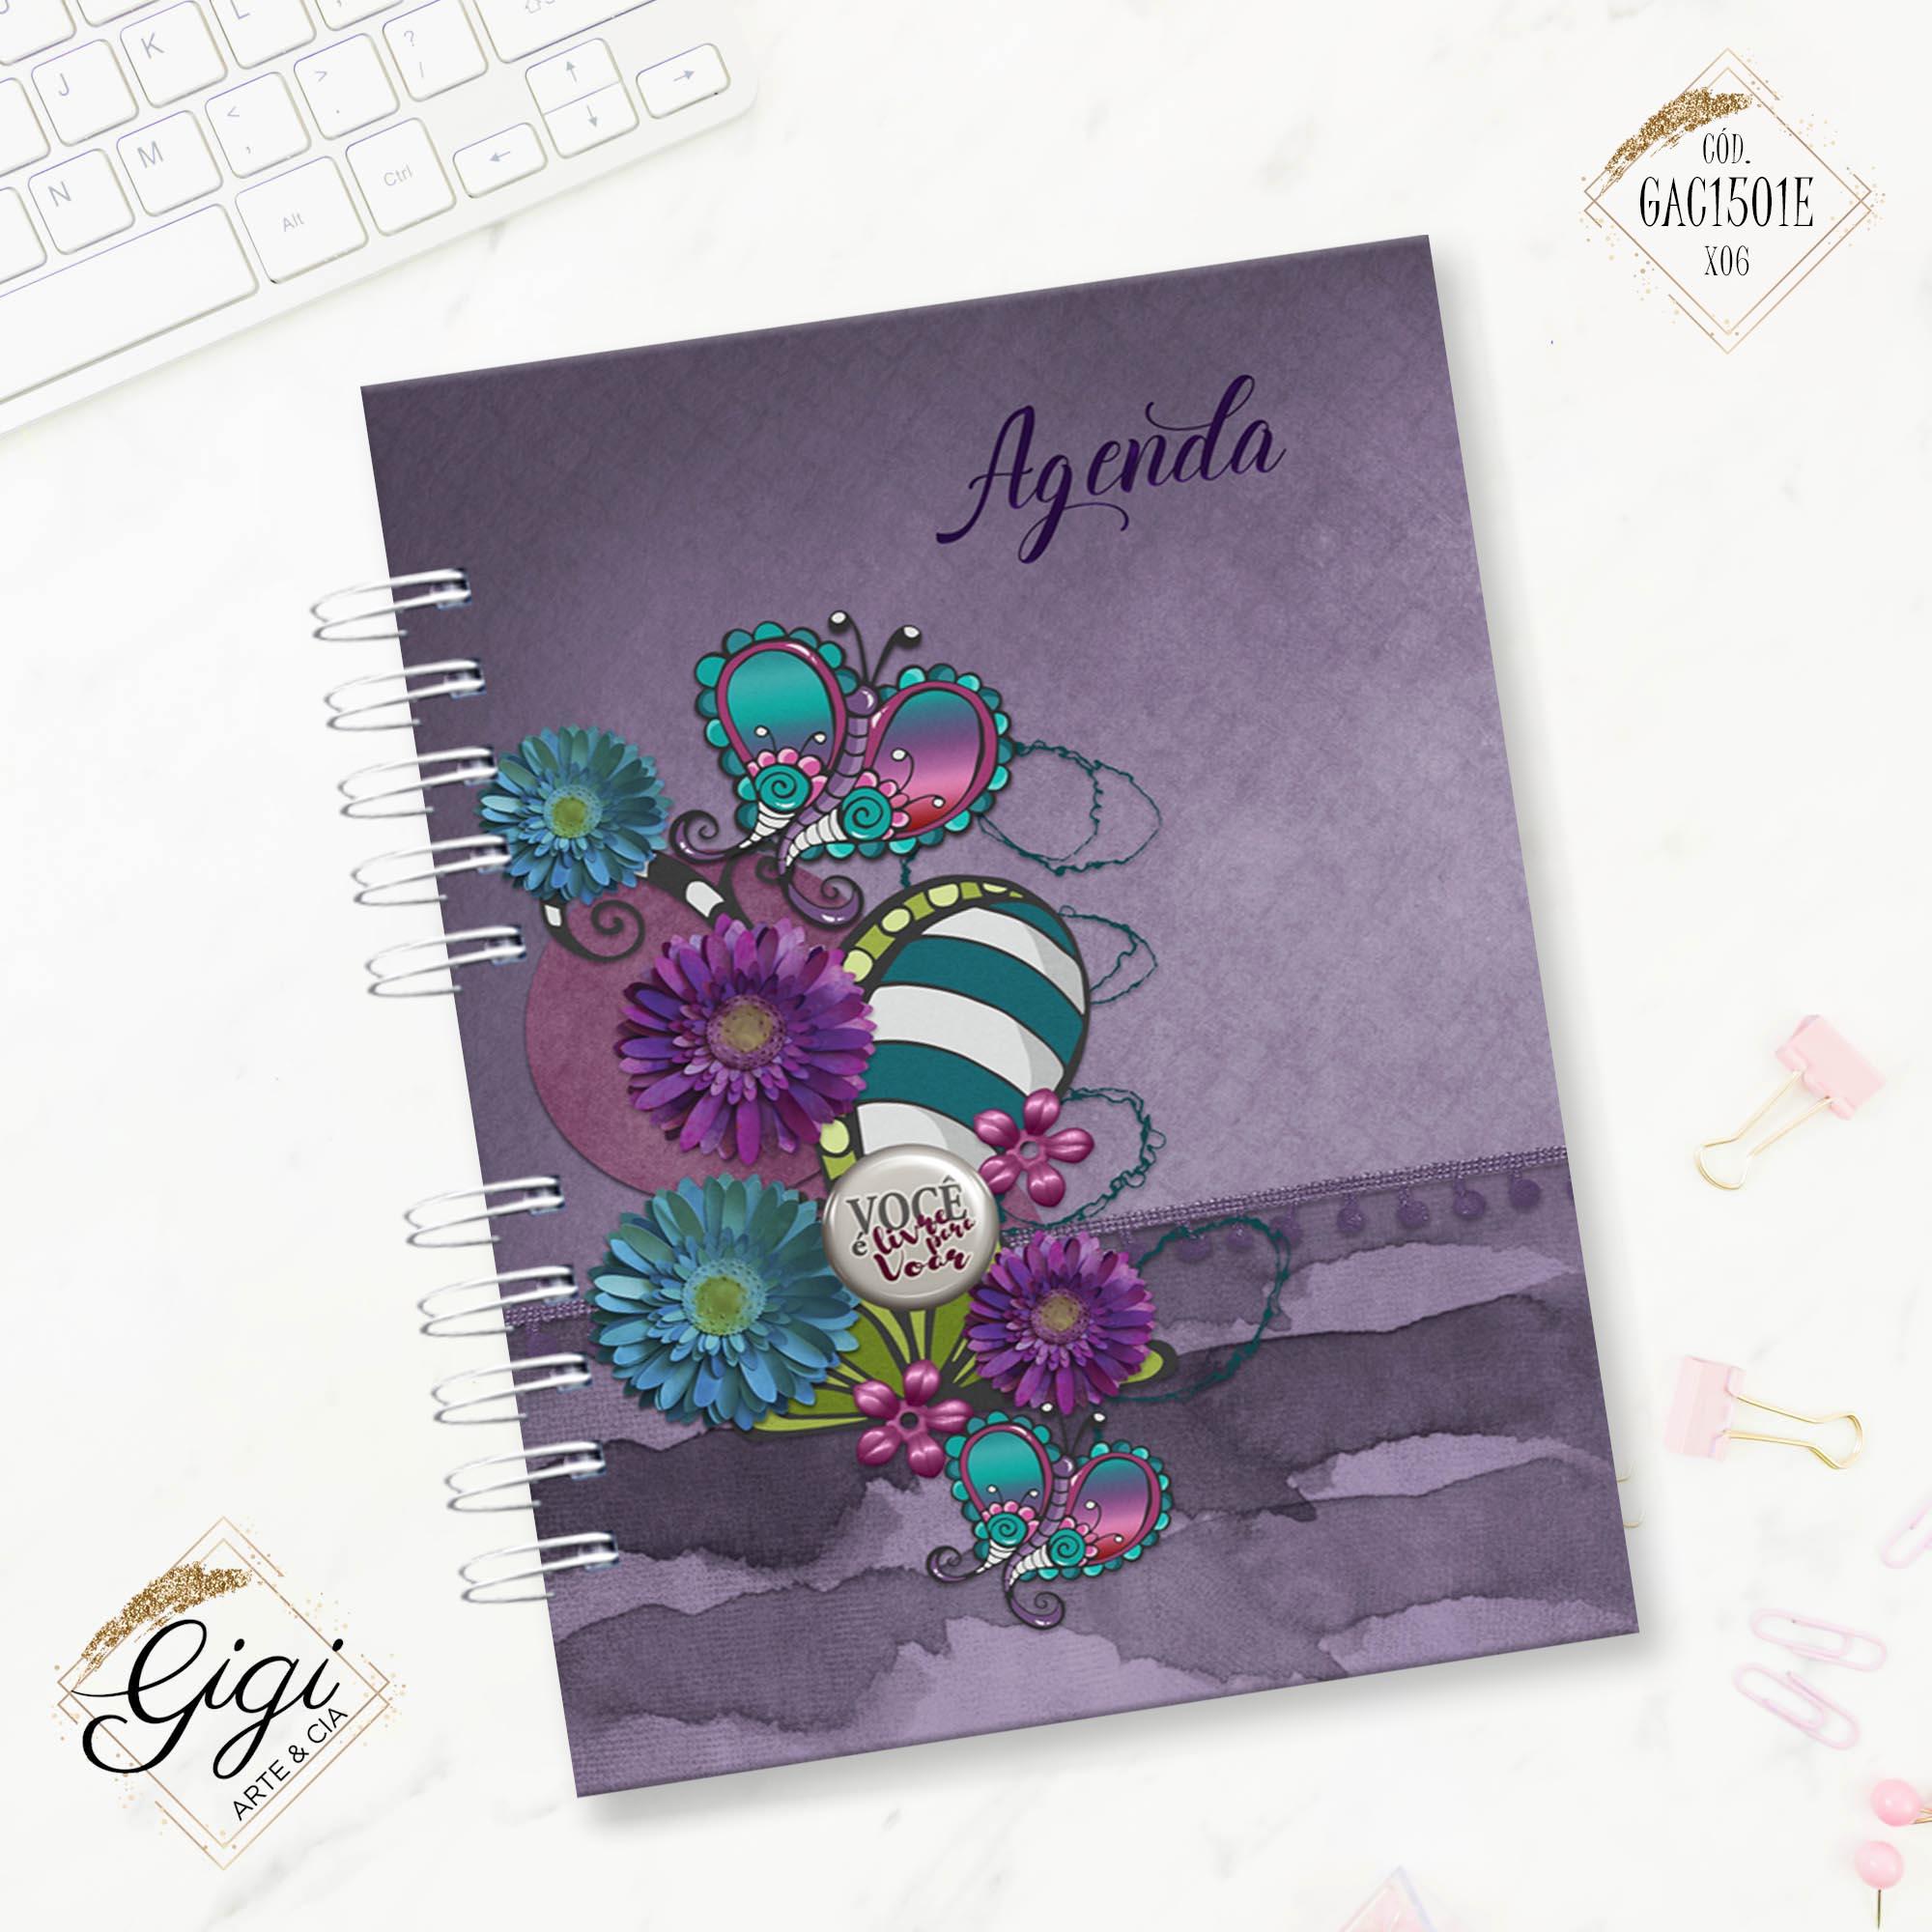 Agenda Permanente A5 - Liberte-se  - Gigi Arte e Cia